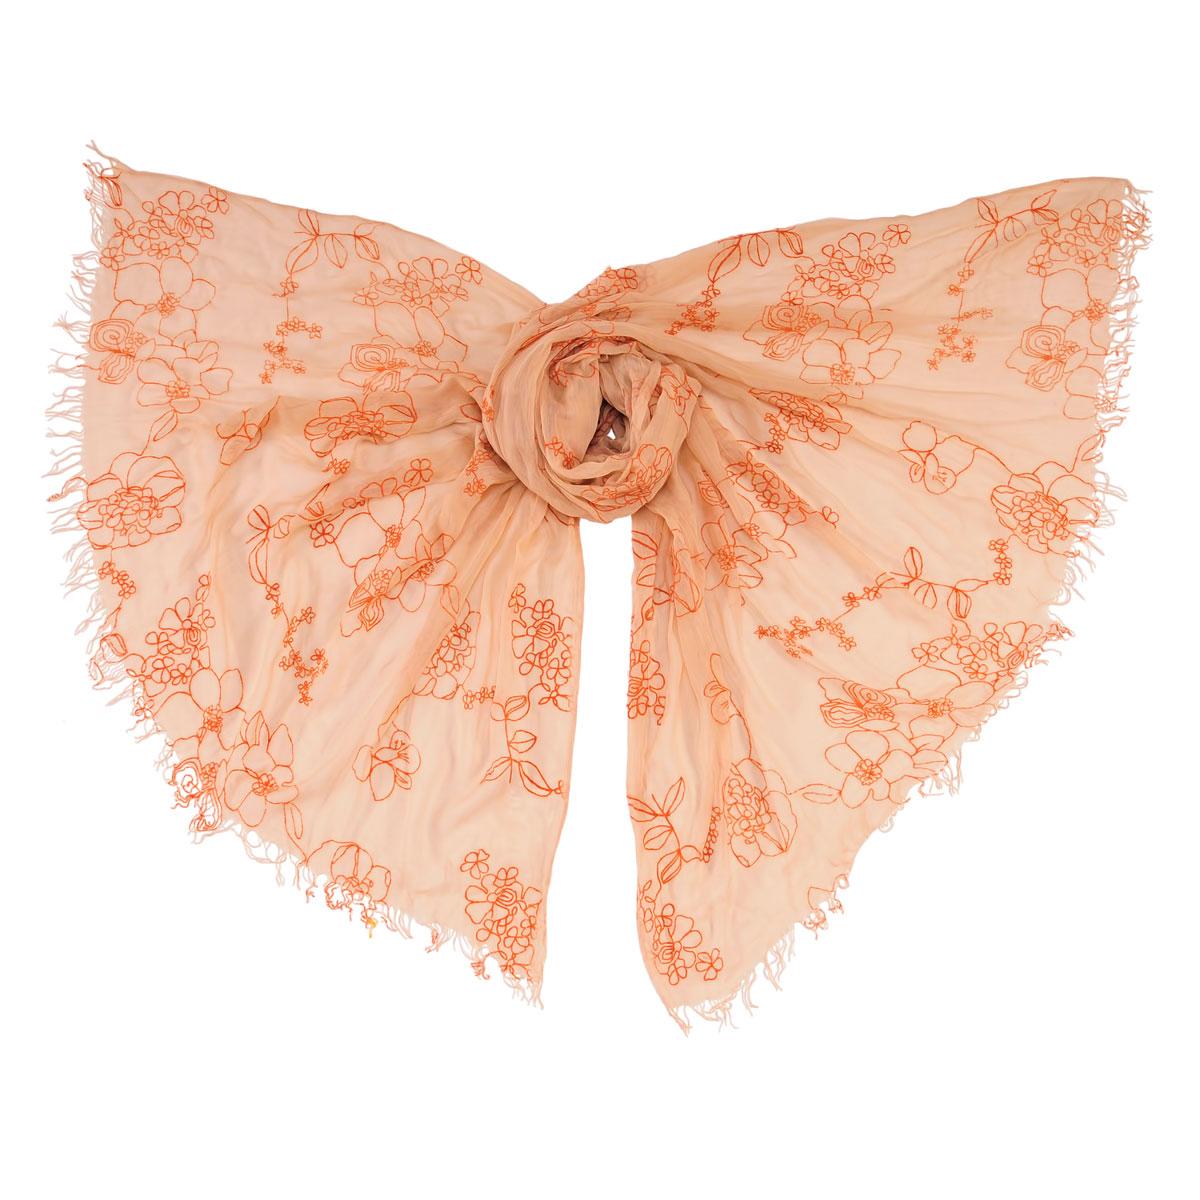 Палантин Модные истории, цвет: бежевый, оранжевый. 21/0233/006. Размер 200 см x 120 см